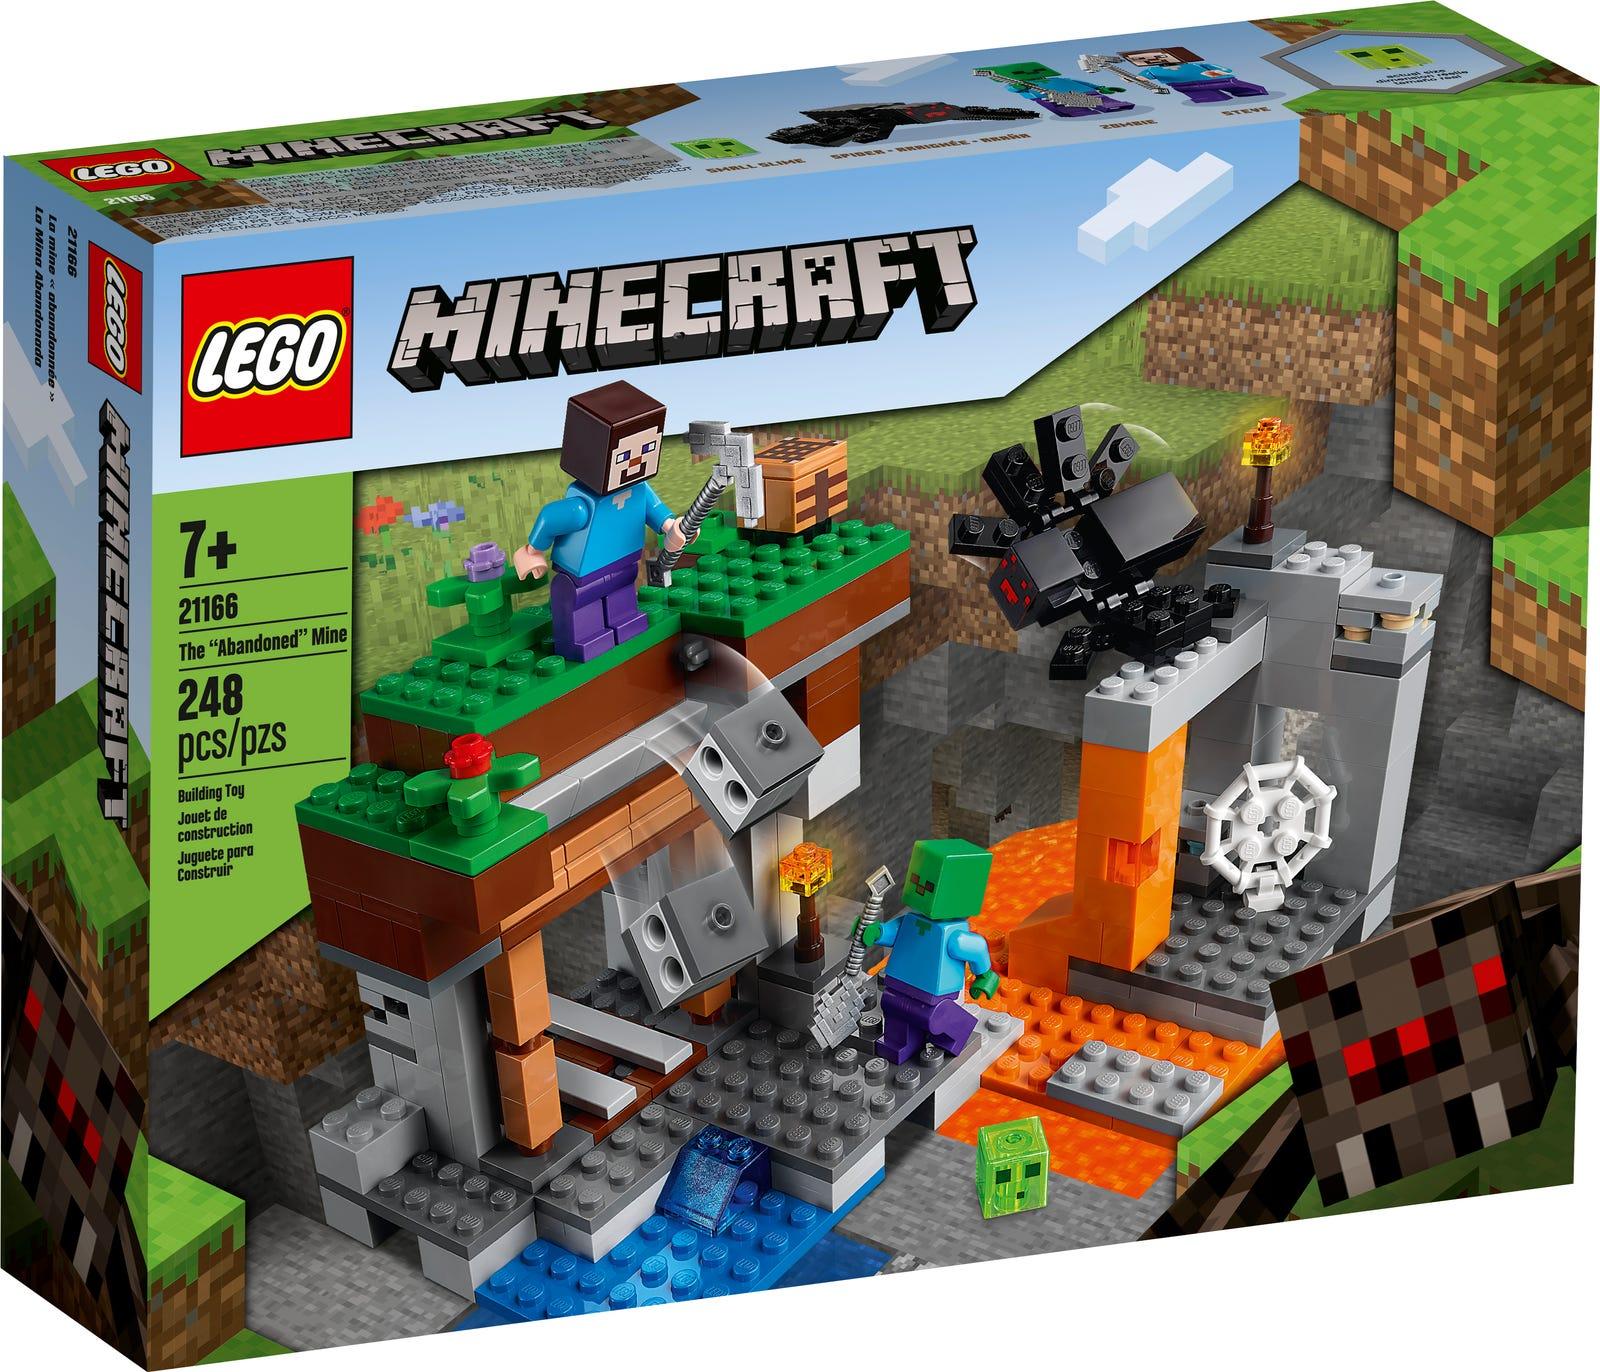 LEGO MINECRAFT LA MINIERA ABBANDONATA 21166